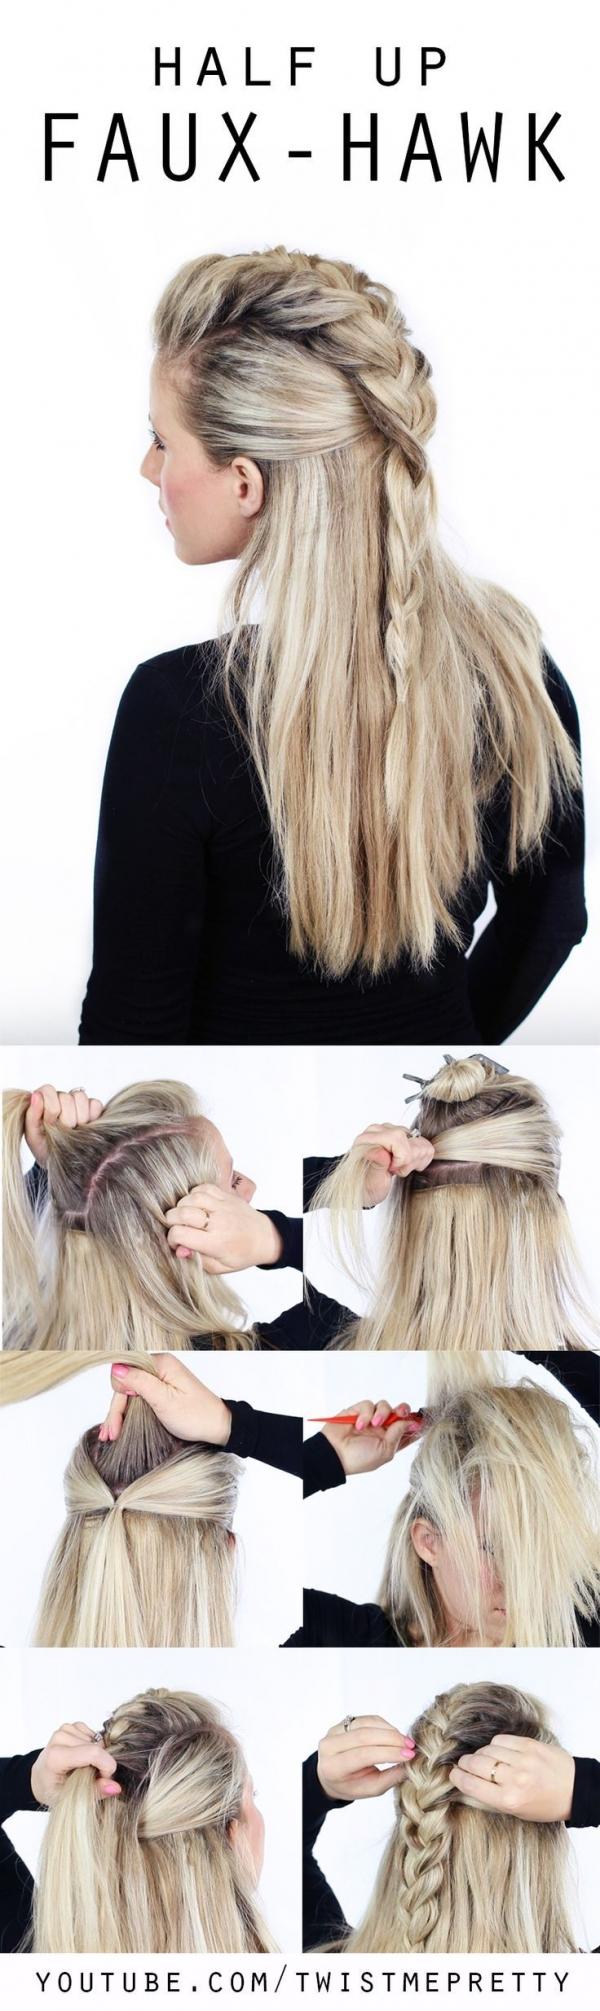 Polu-podignuta pletena frizura